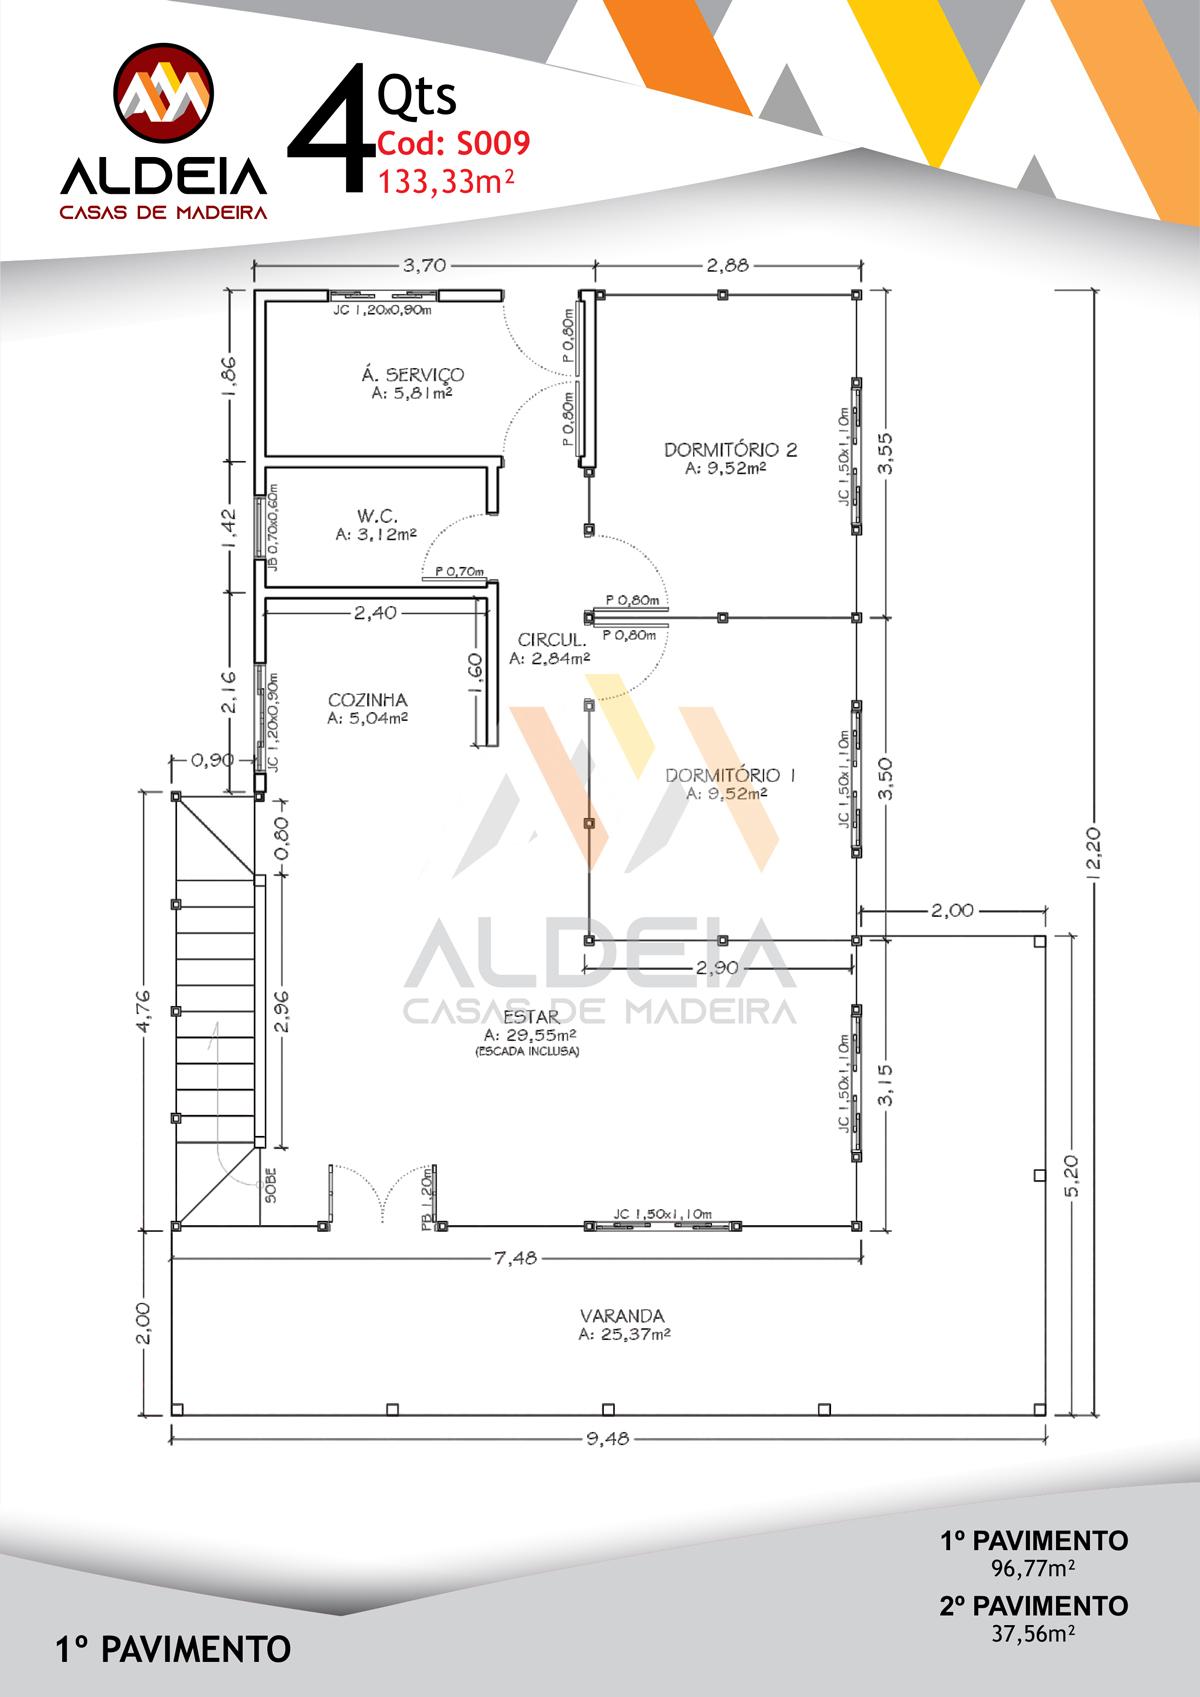 aldeia-casas-madeira-arquitetura-S009-1